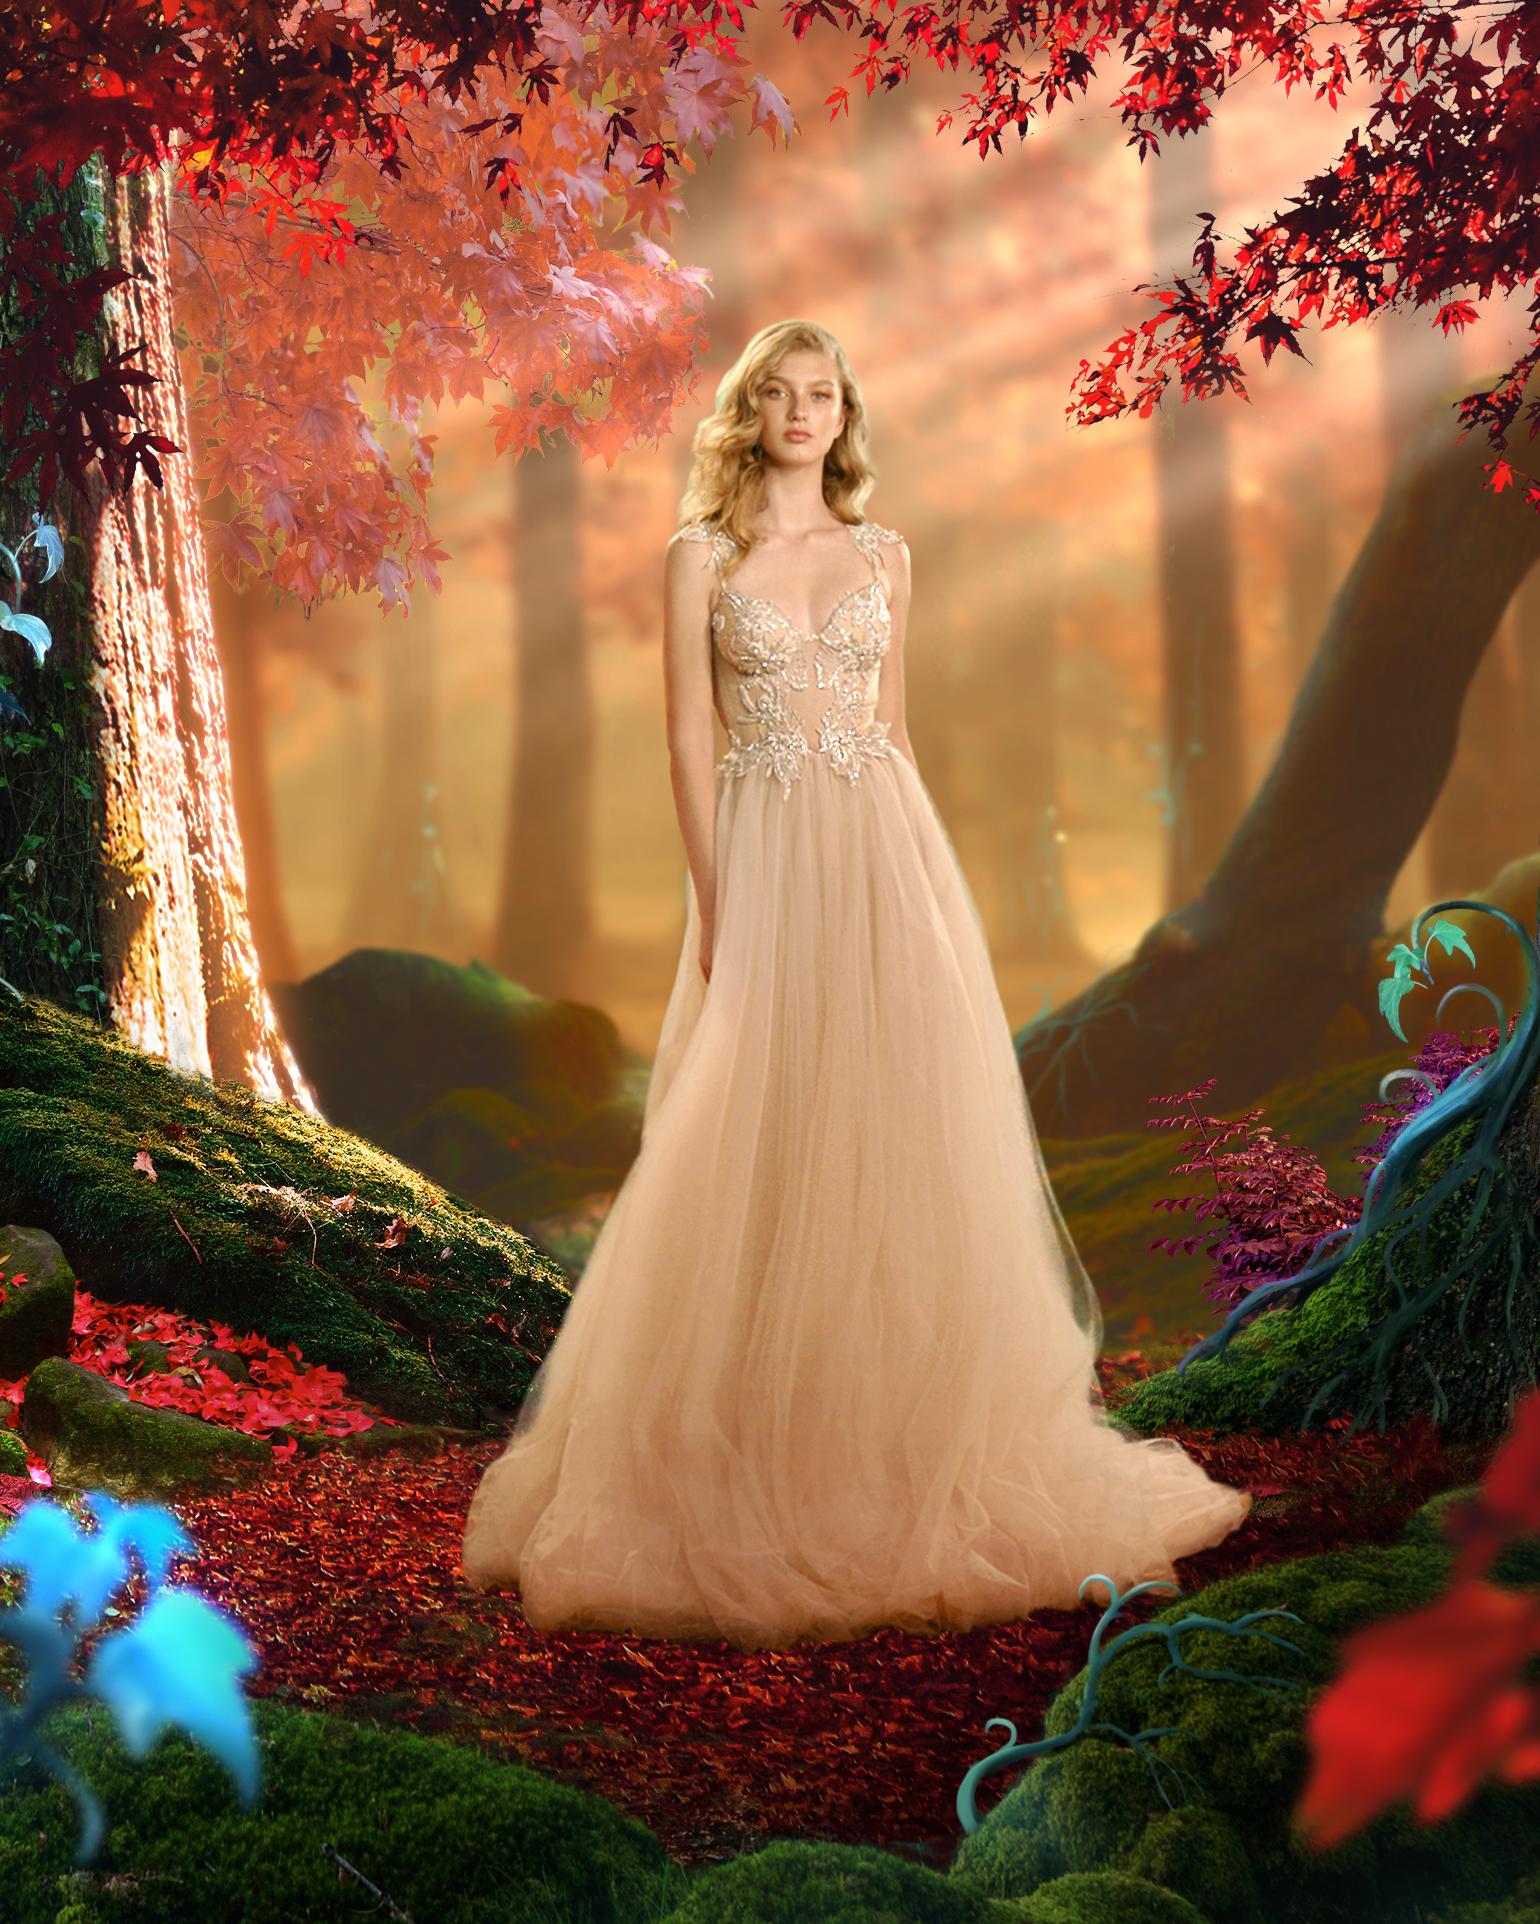 מהאגדות: קולקציית גאלה VI של גליה להב, שמלות כלה, 1